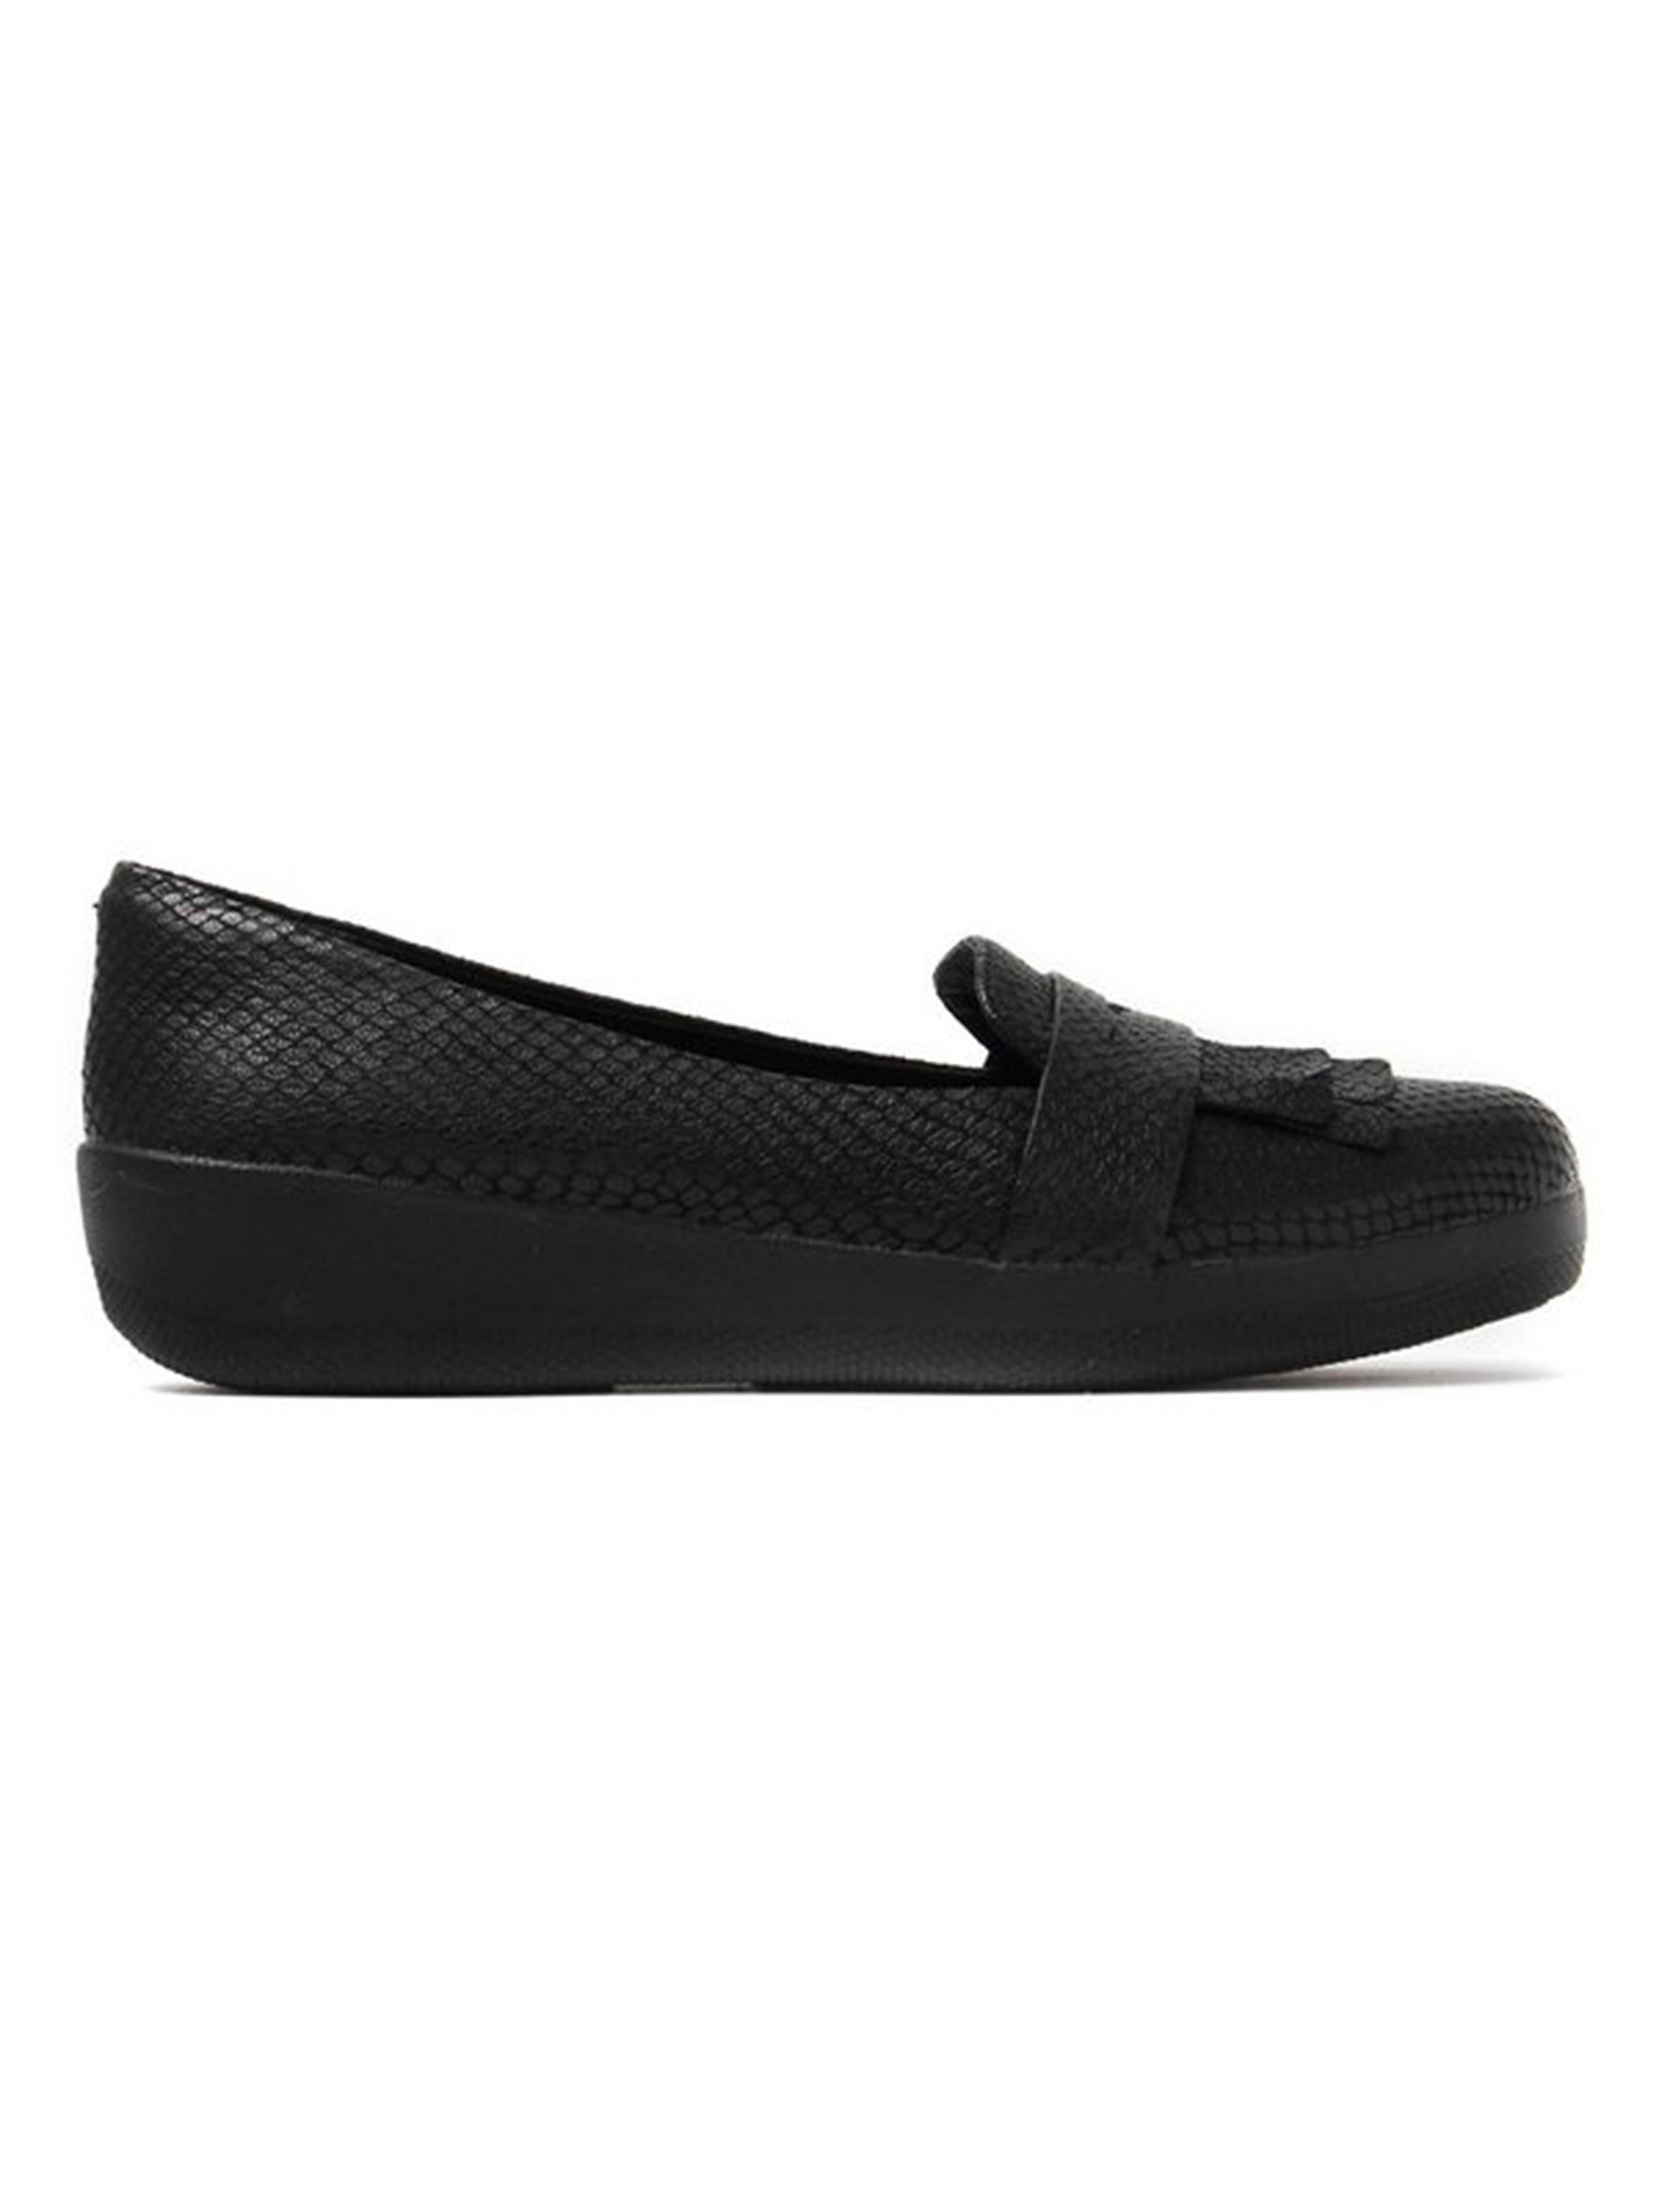 FitFlop Women's Fringey Sneaker Loafers - Black Snake